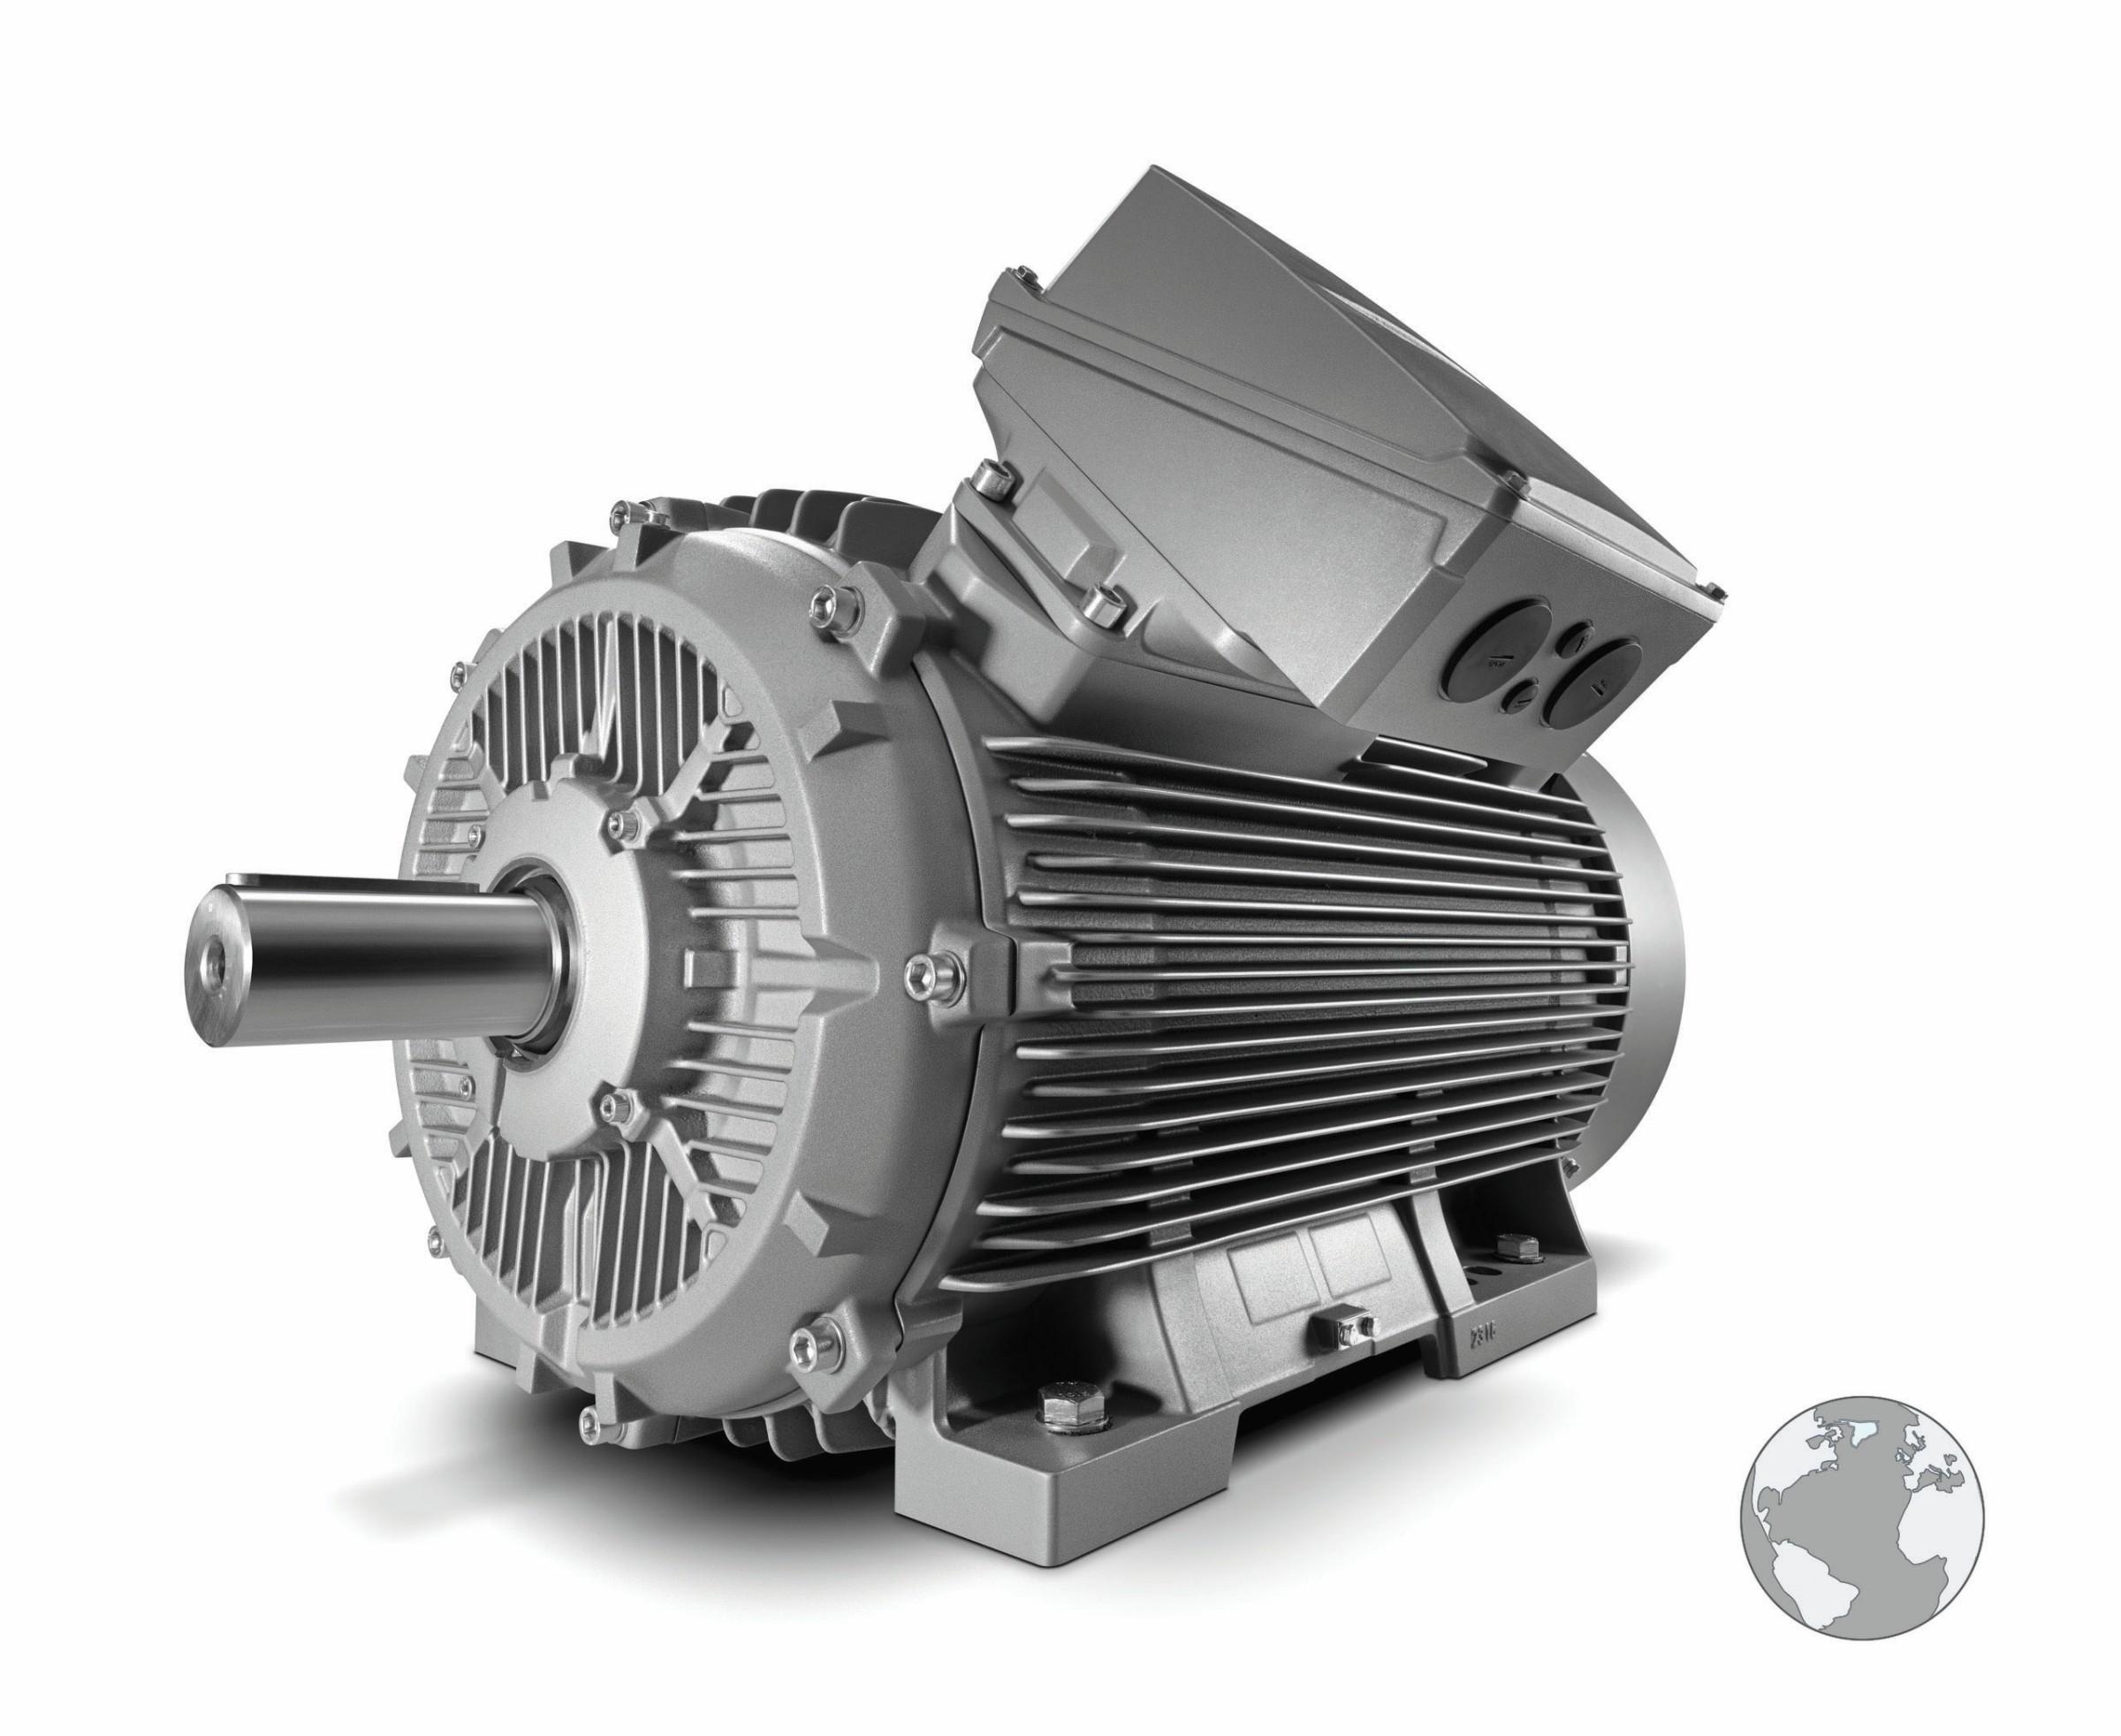 Bild 1 Die neue Variante Simotics SD Pro vervollständigt die nächste Generation performanter Severe-Duty-Motoren von Siemens und ist prädestiniert für einen hochflexiblen, universellen Einsatz weltweit. Bild: Siemens